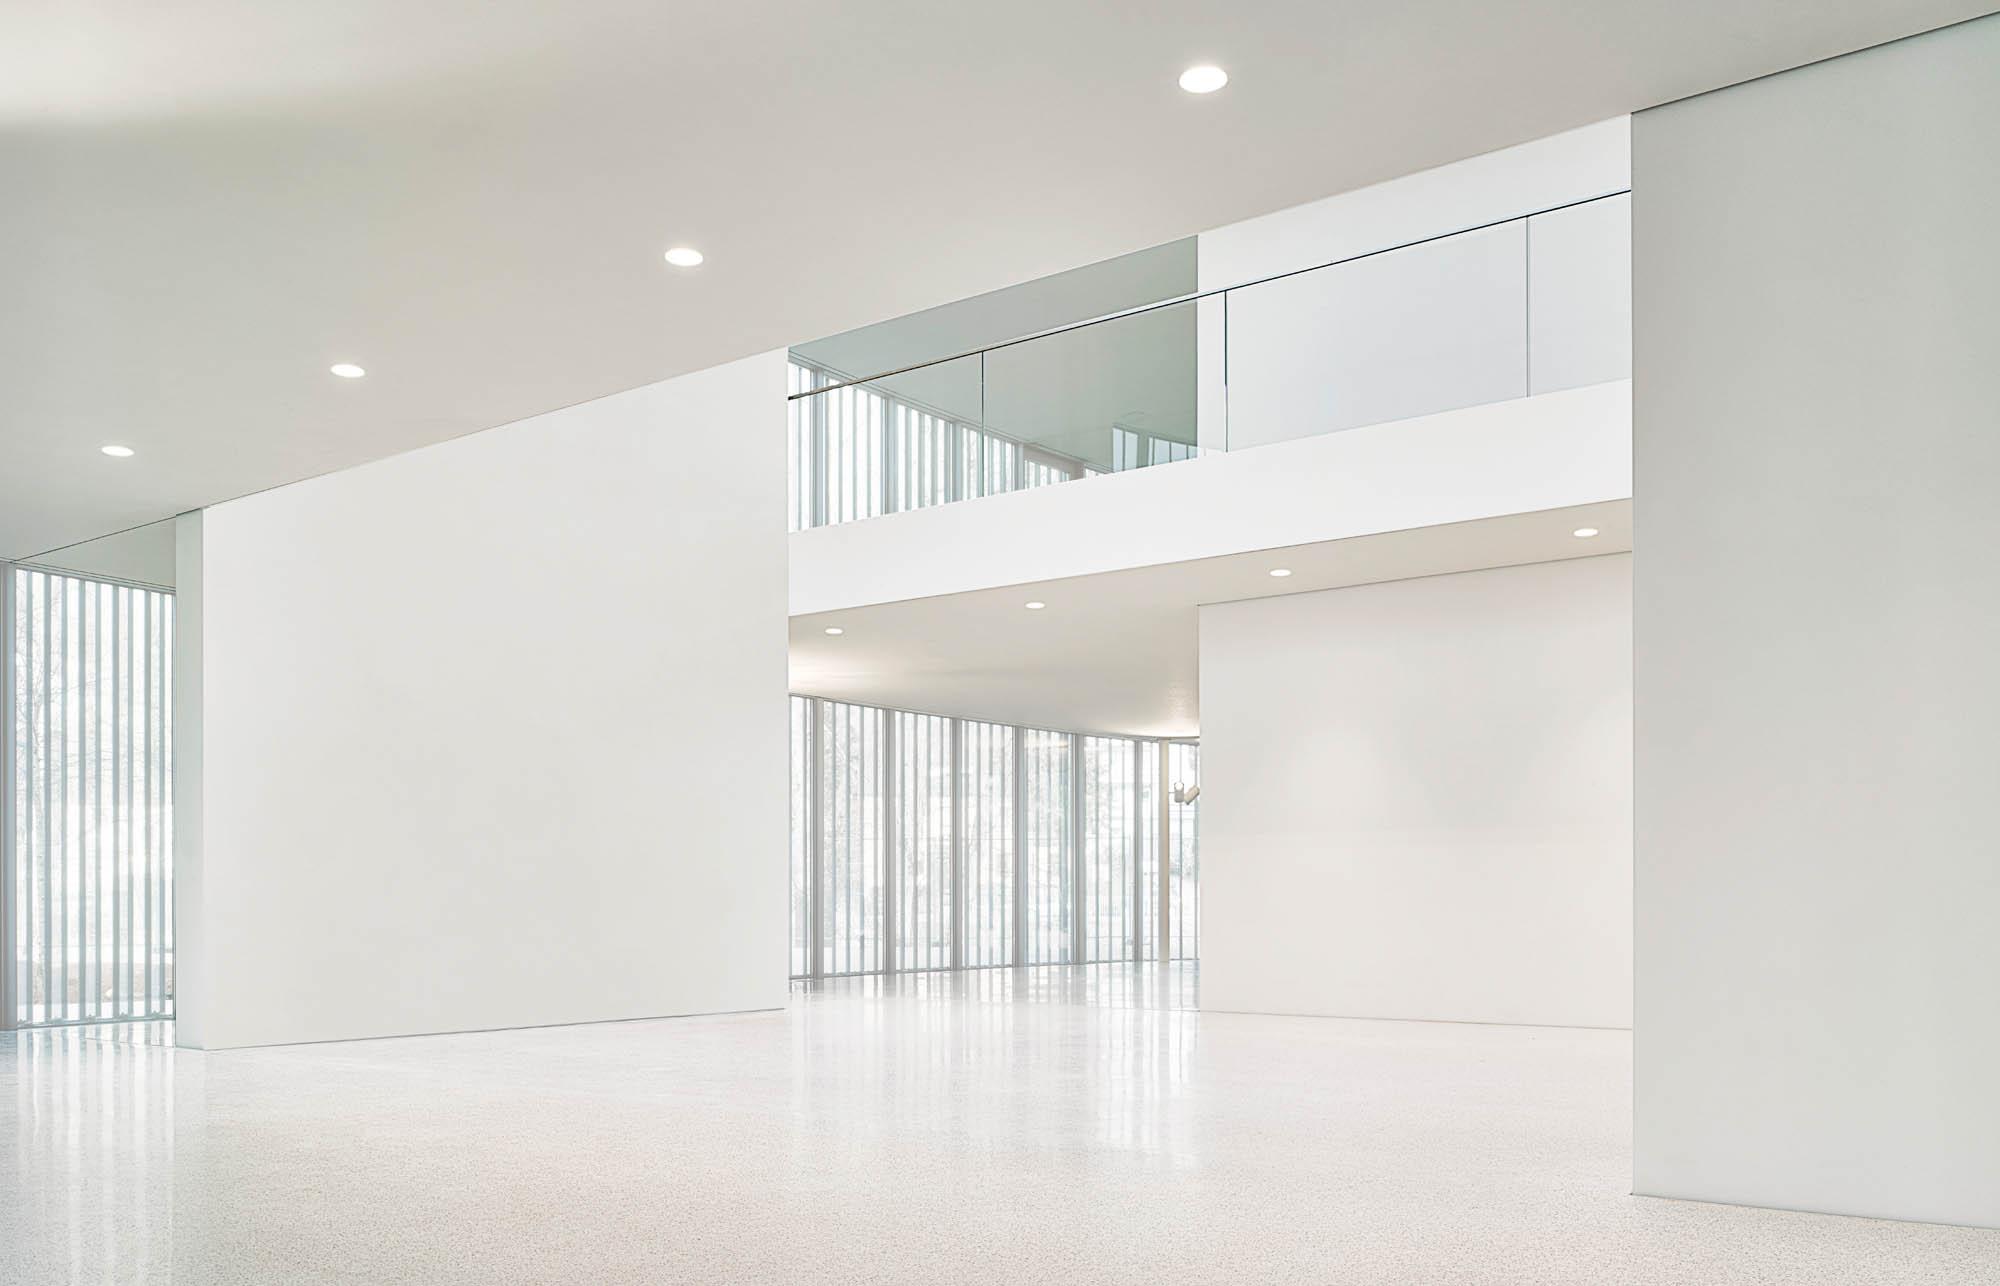 OPC 151212 0217 - Eva Mayr-Stihl Stiftung: Fotografie des neuen Verwaltungsgebäudes